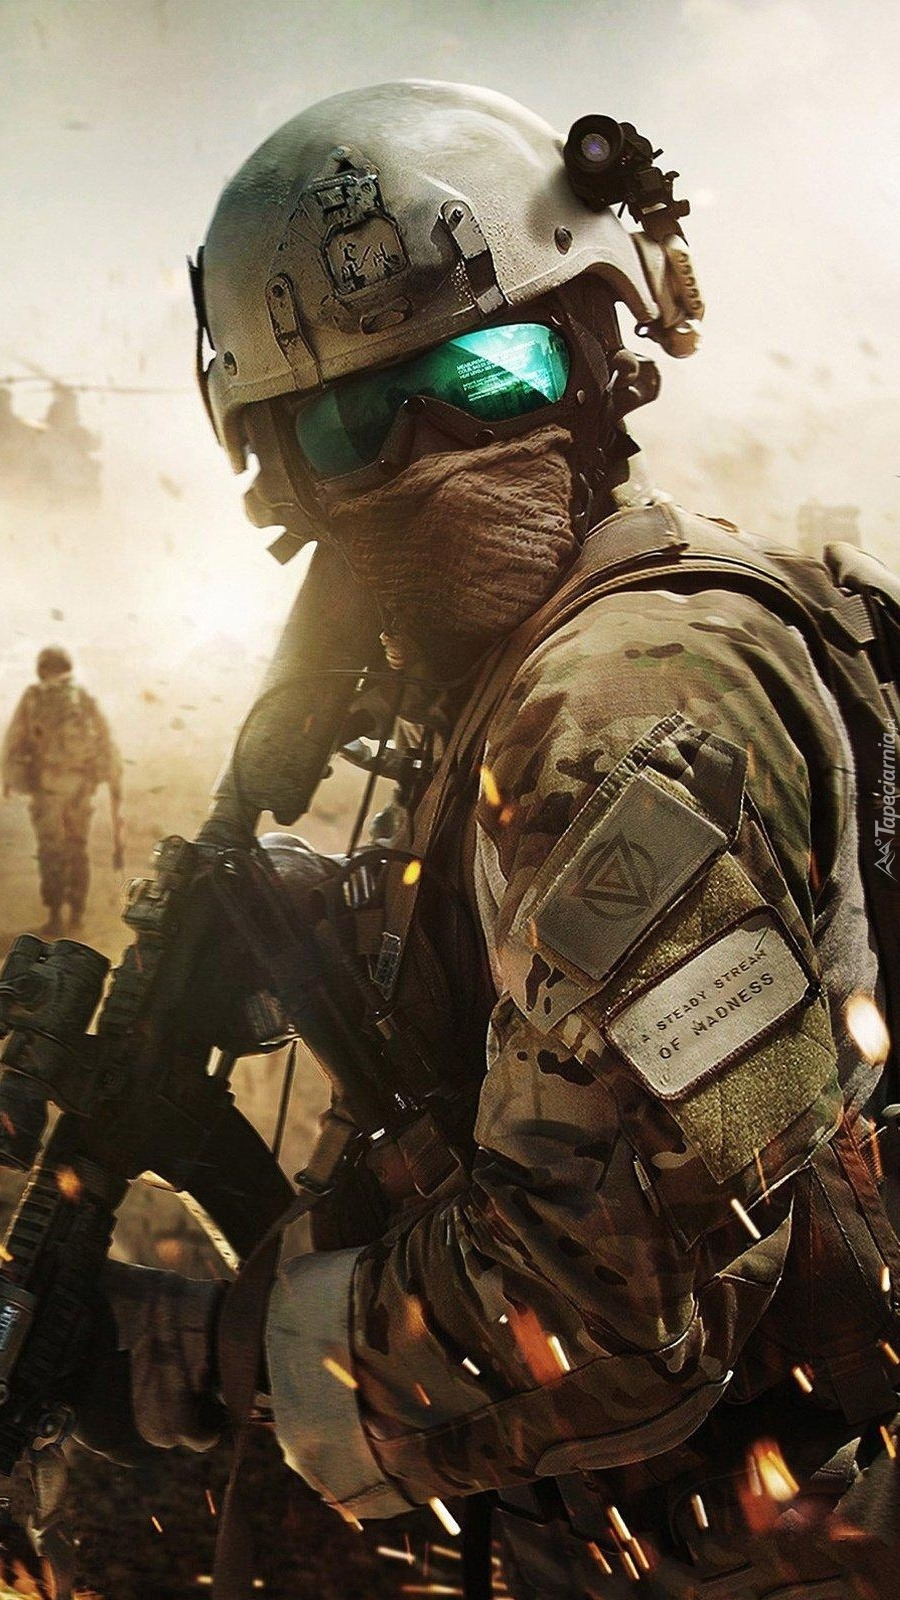 Zamaskowany żołnierz